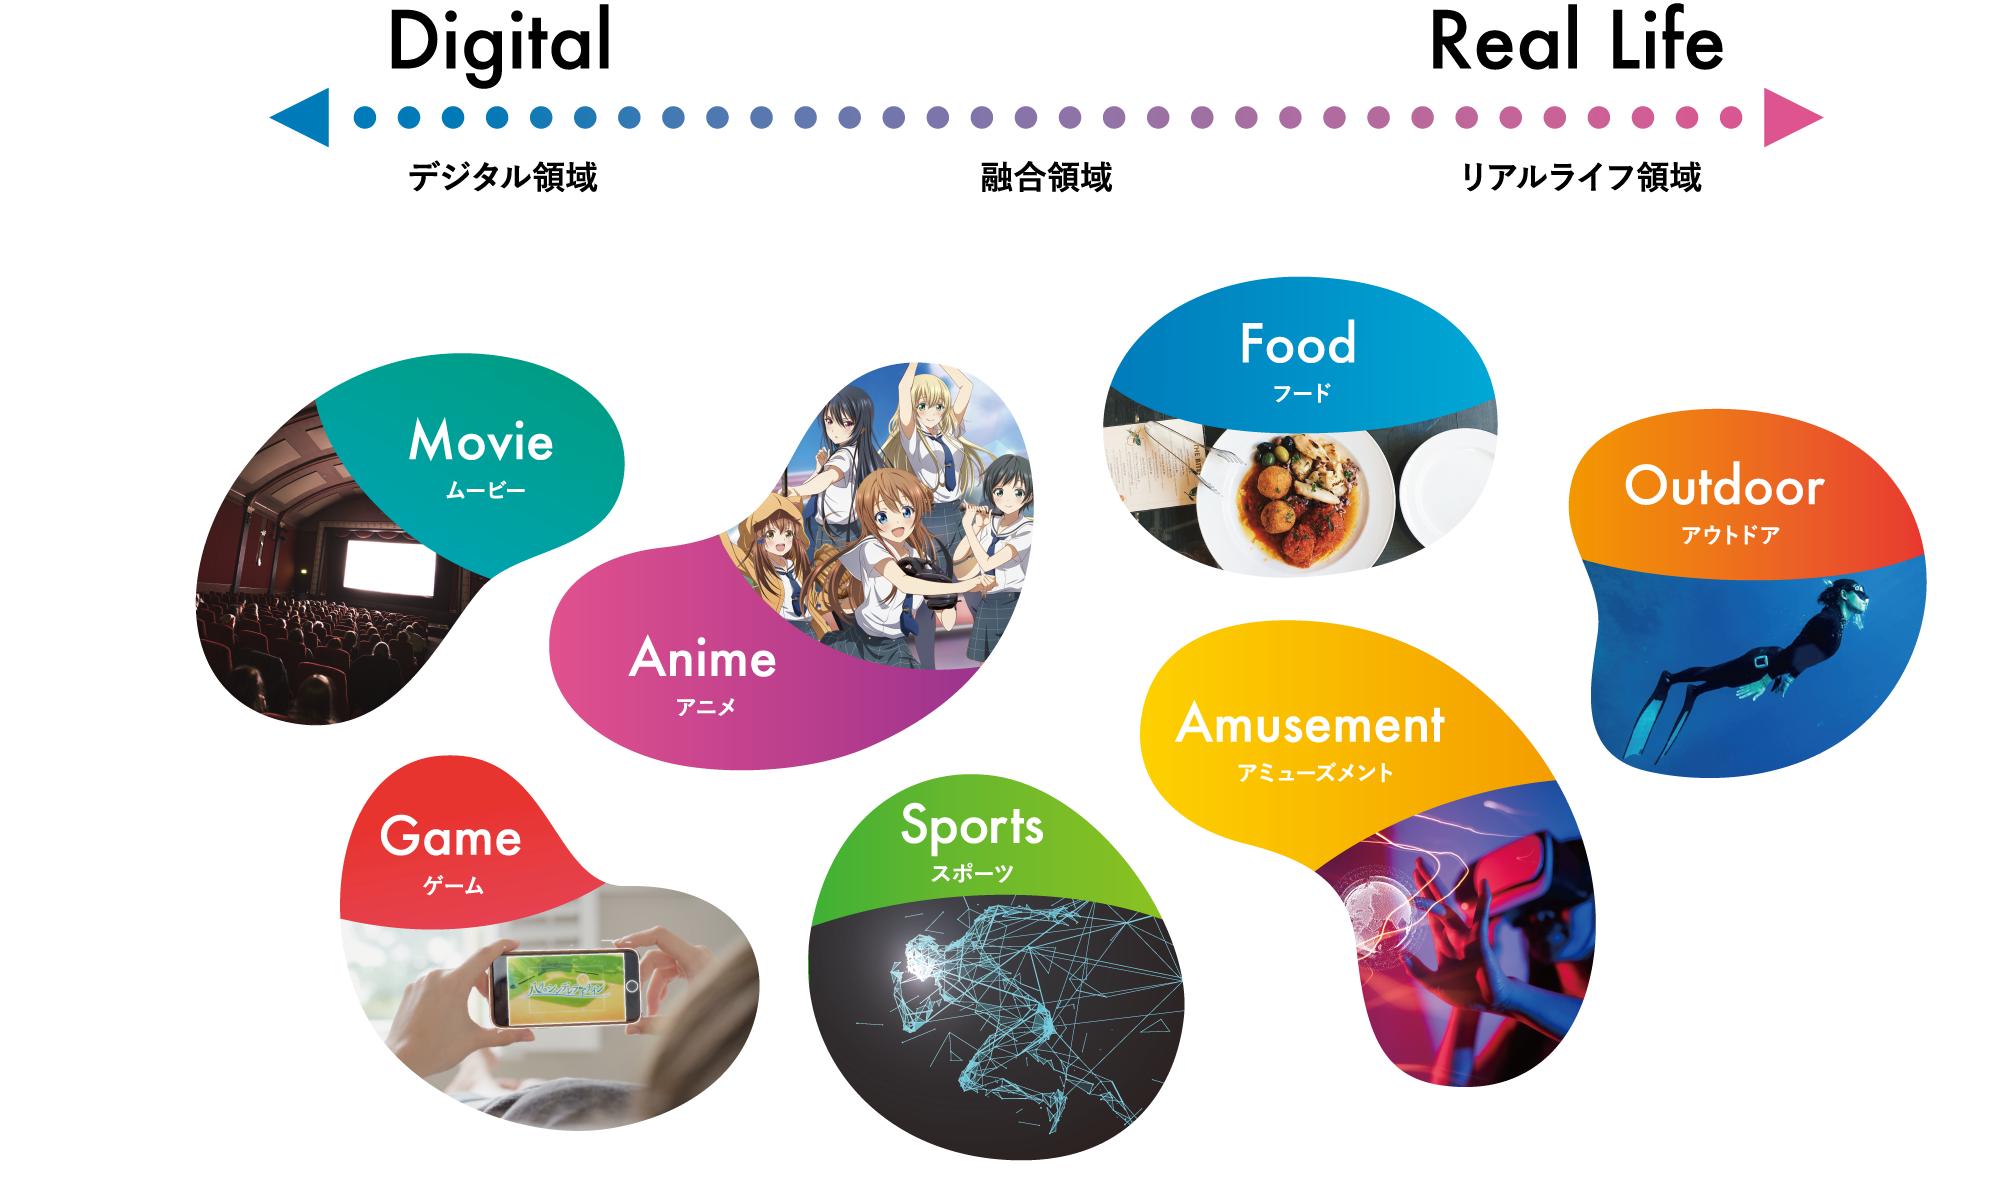 デジタル領域 融合領域 リアルライフ領域